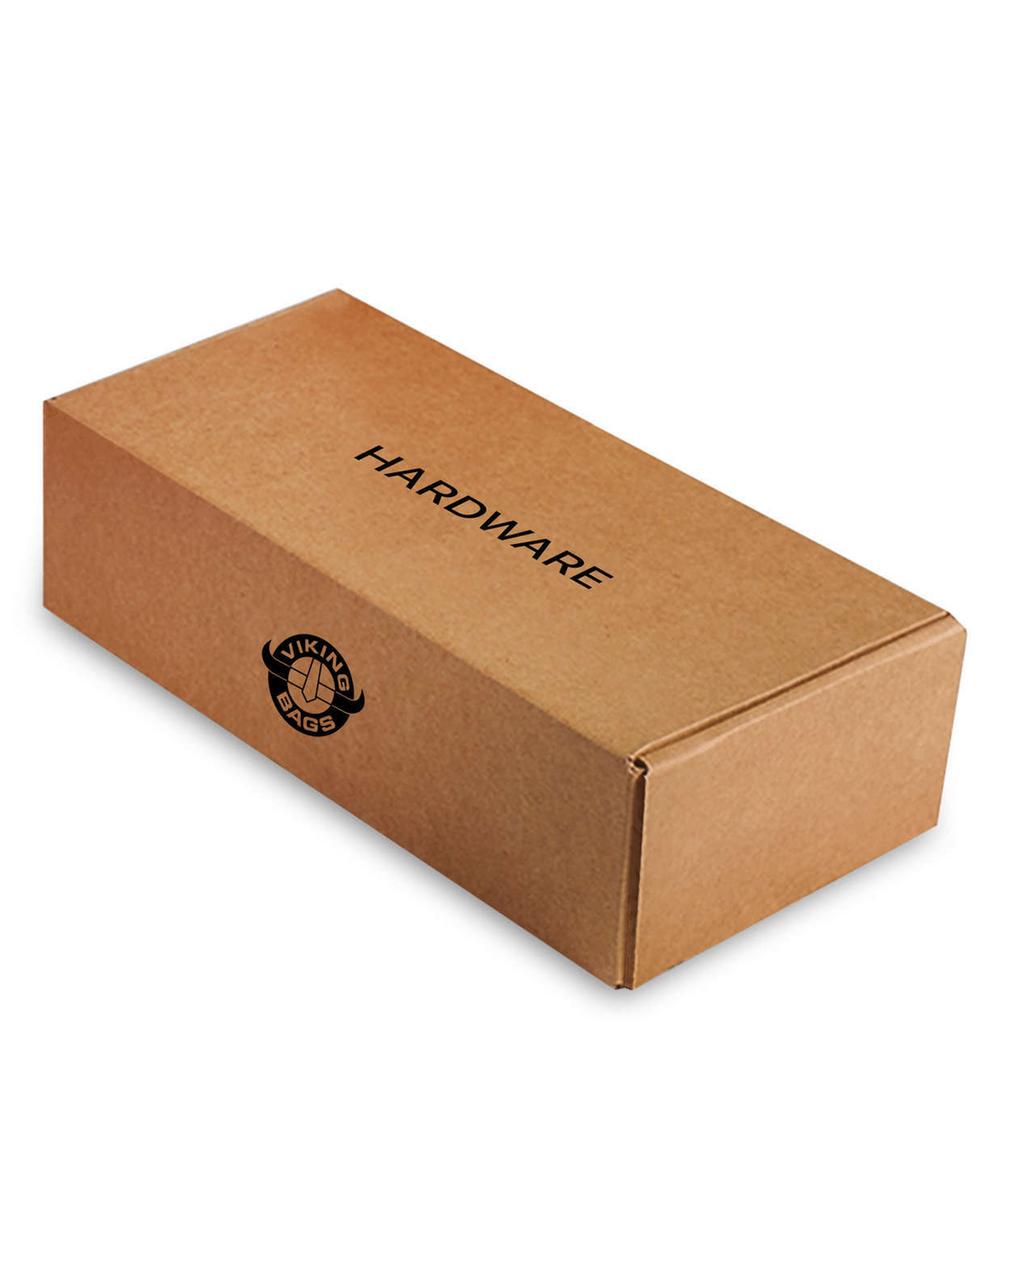 Victory Octane Charger Slanted Medium Motorcycle Saddlebags Hardware Box